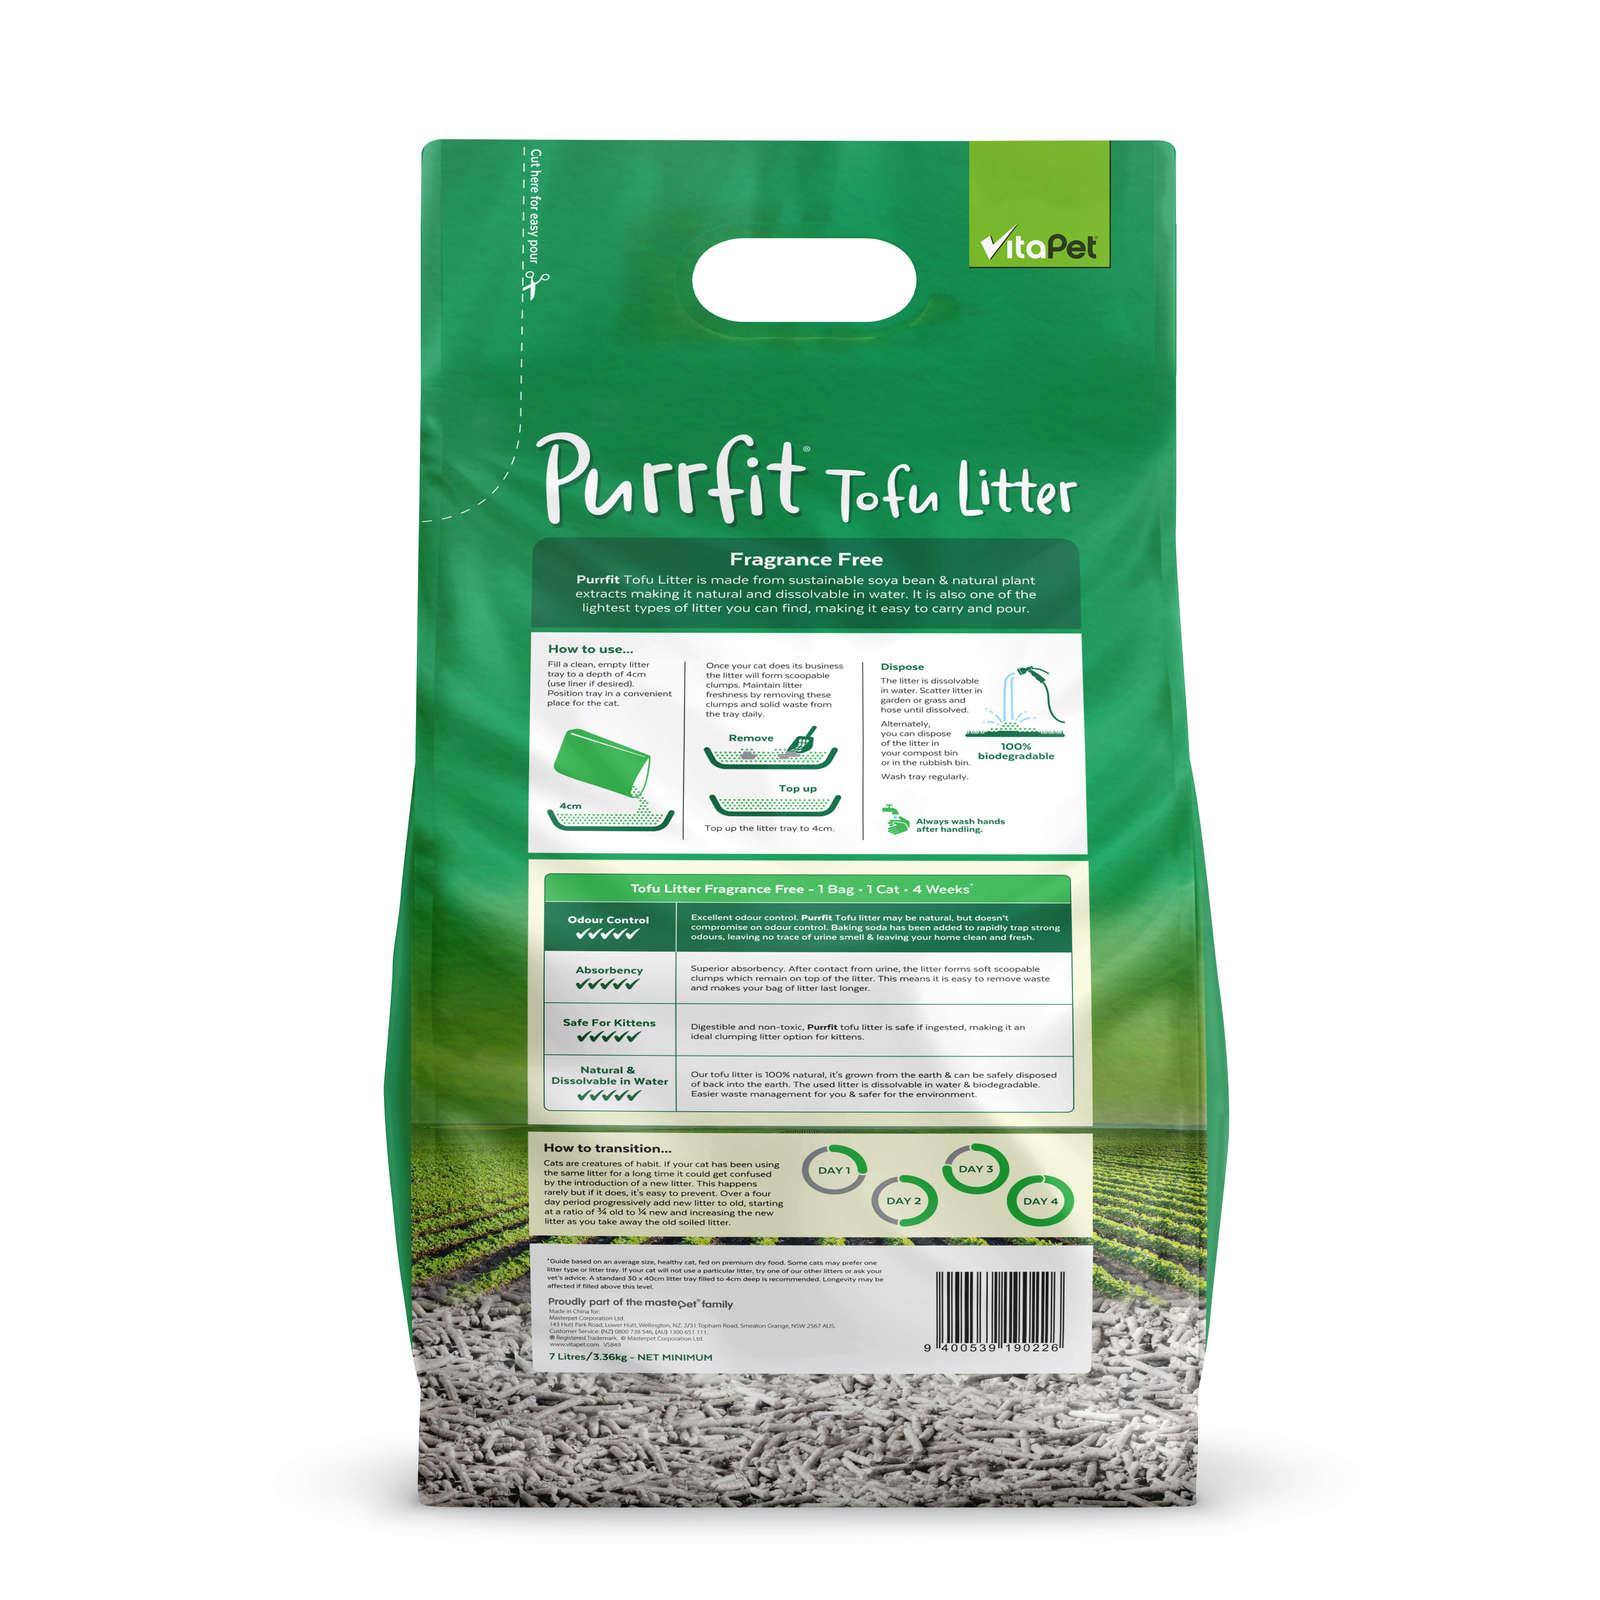 Vitapet: Natural Tofu Litter (7L) image